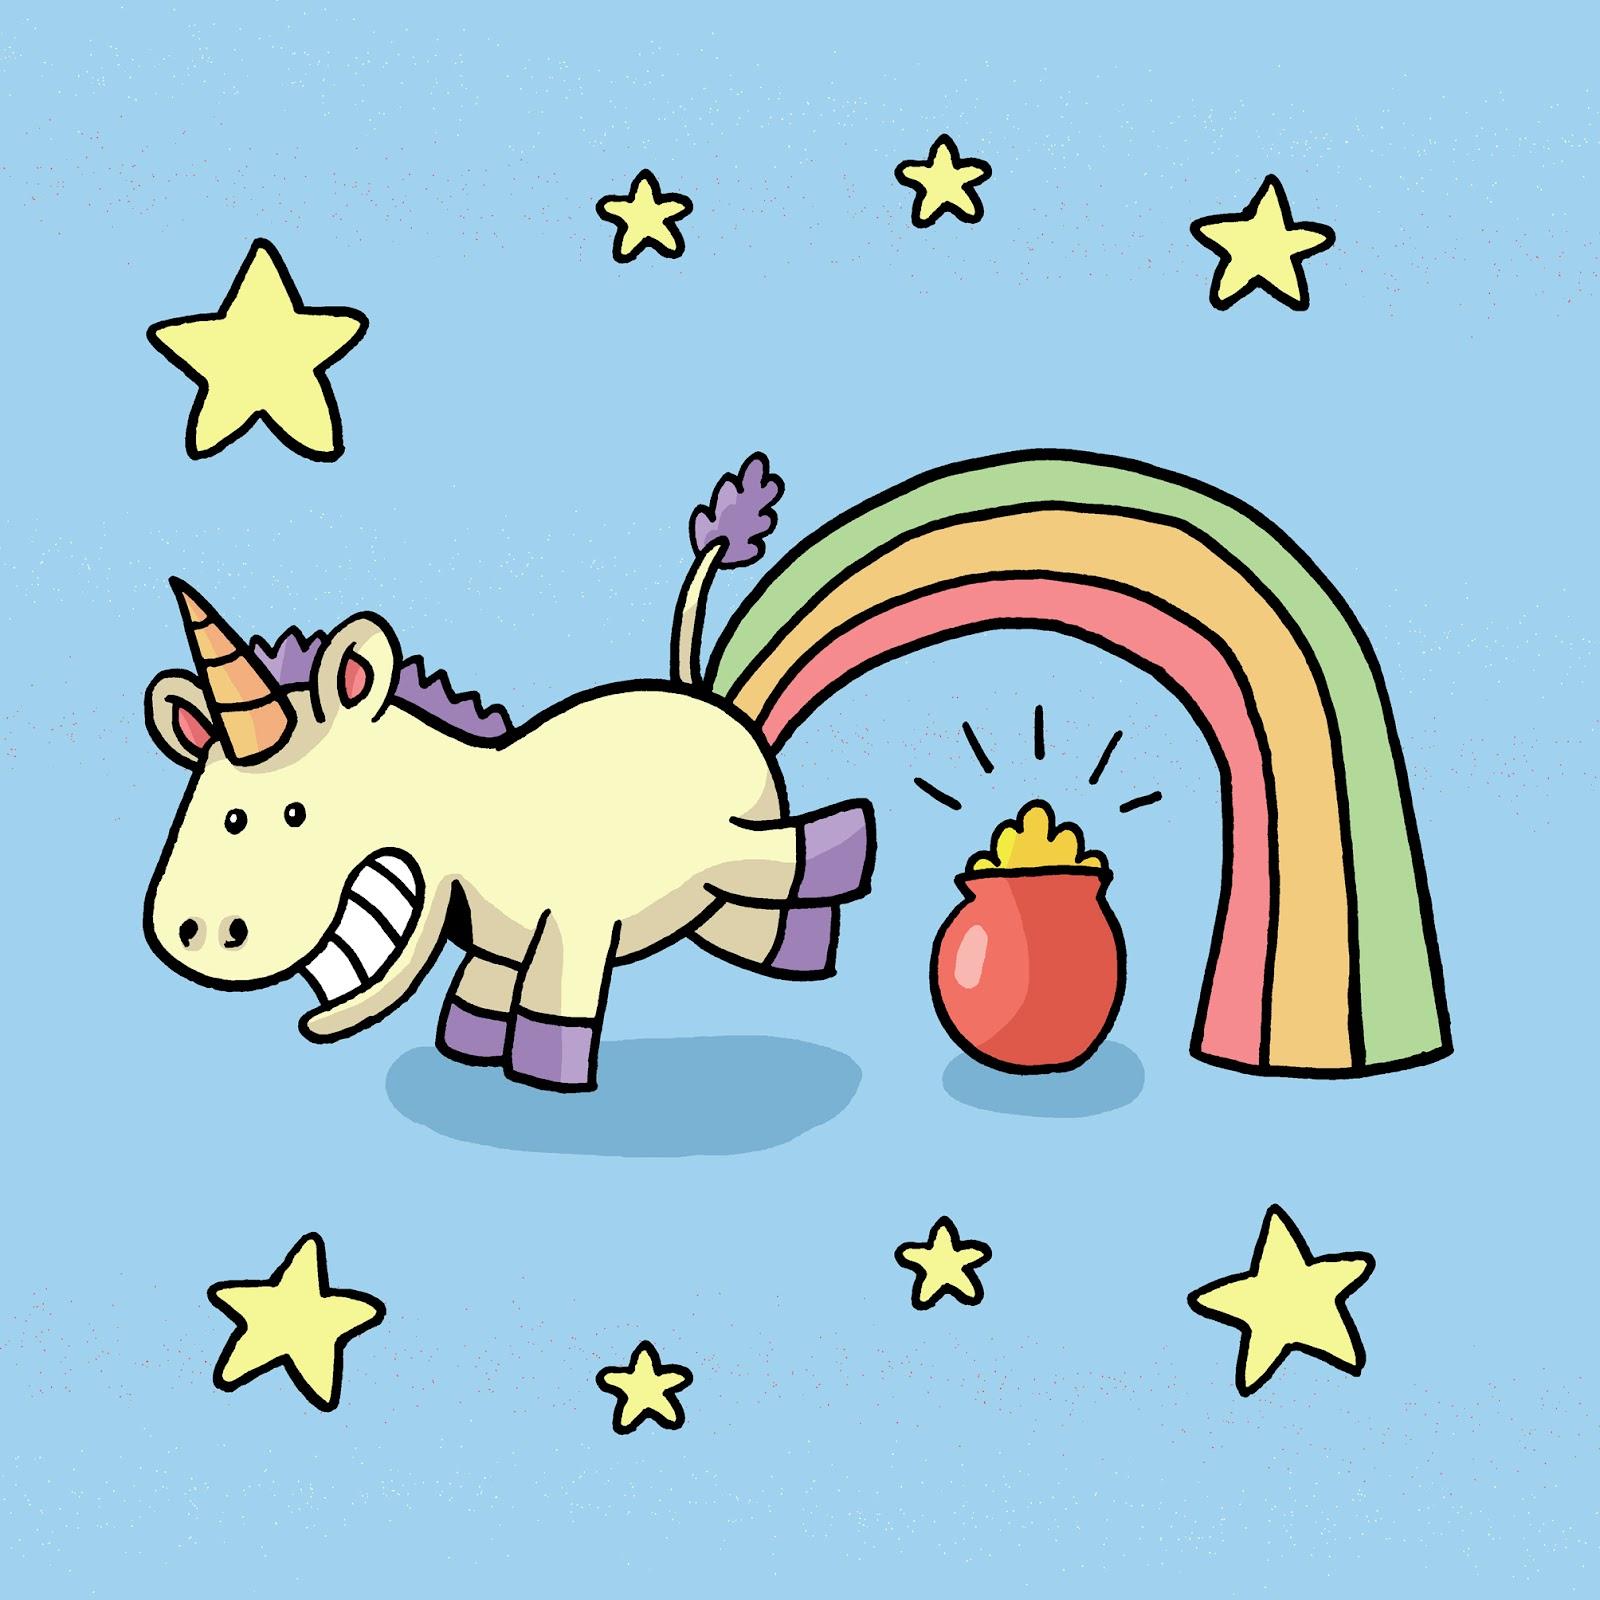 animated unicorn clipart - photo #48